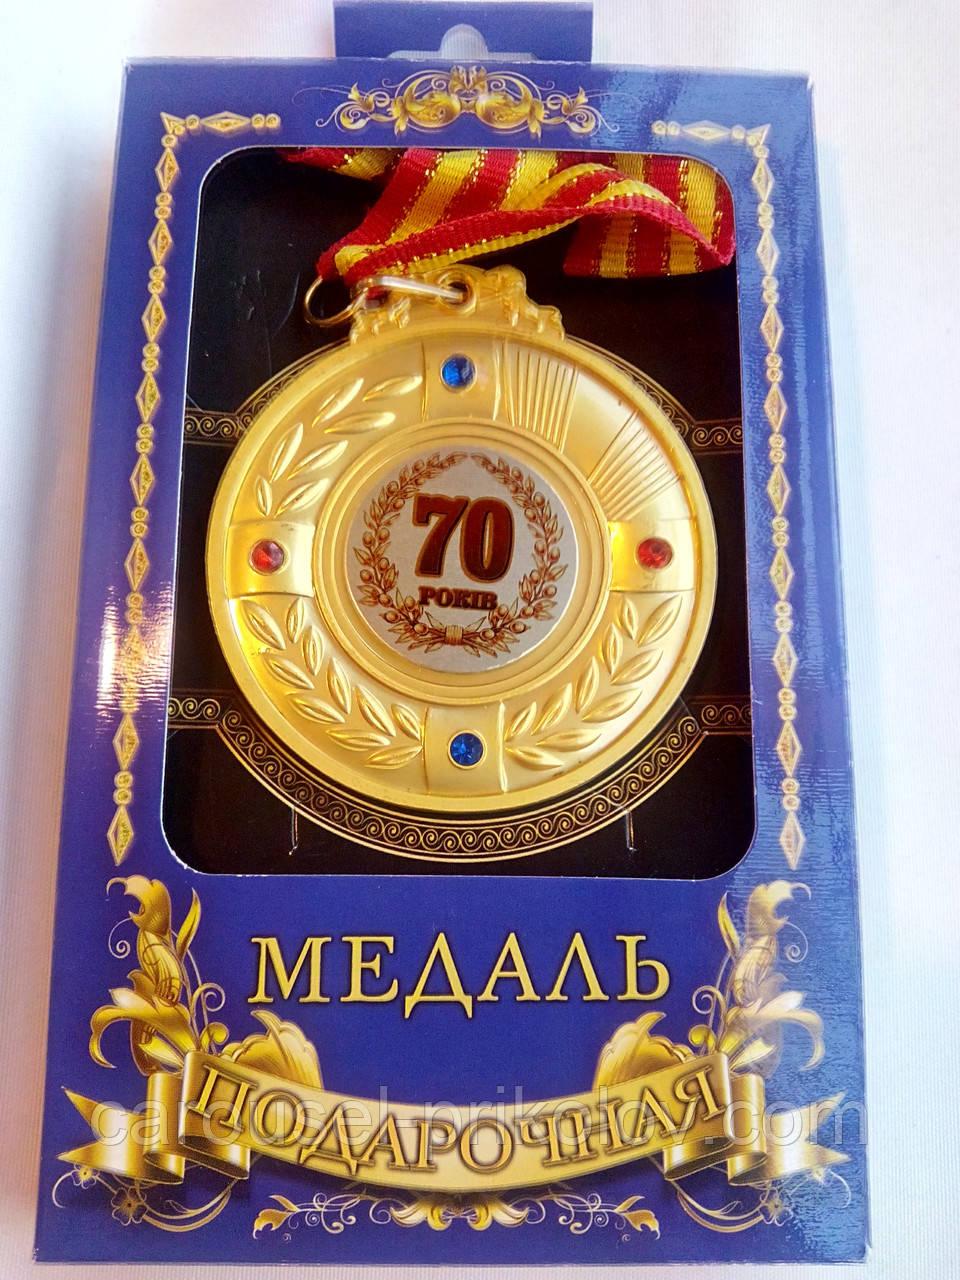 Медаль юбилейная 70 років